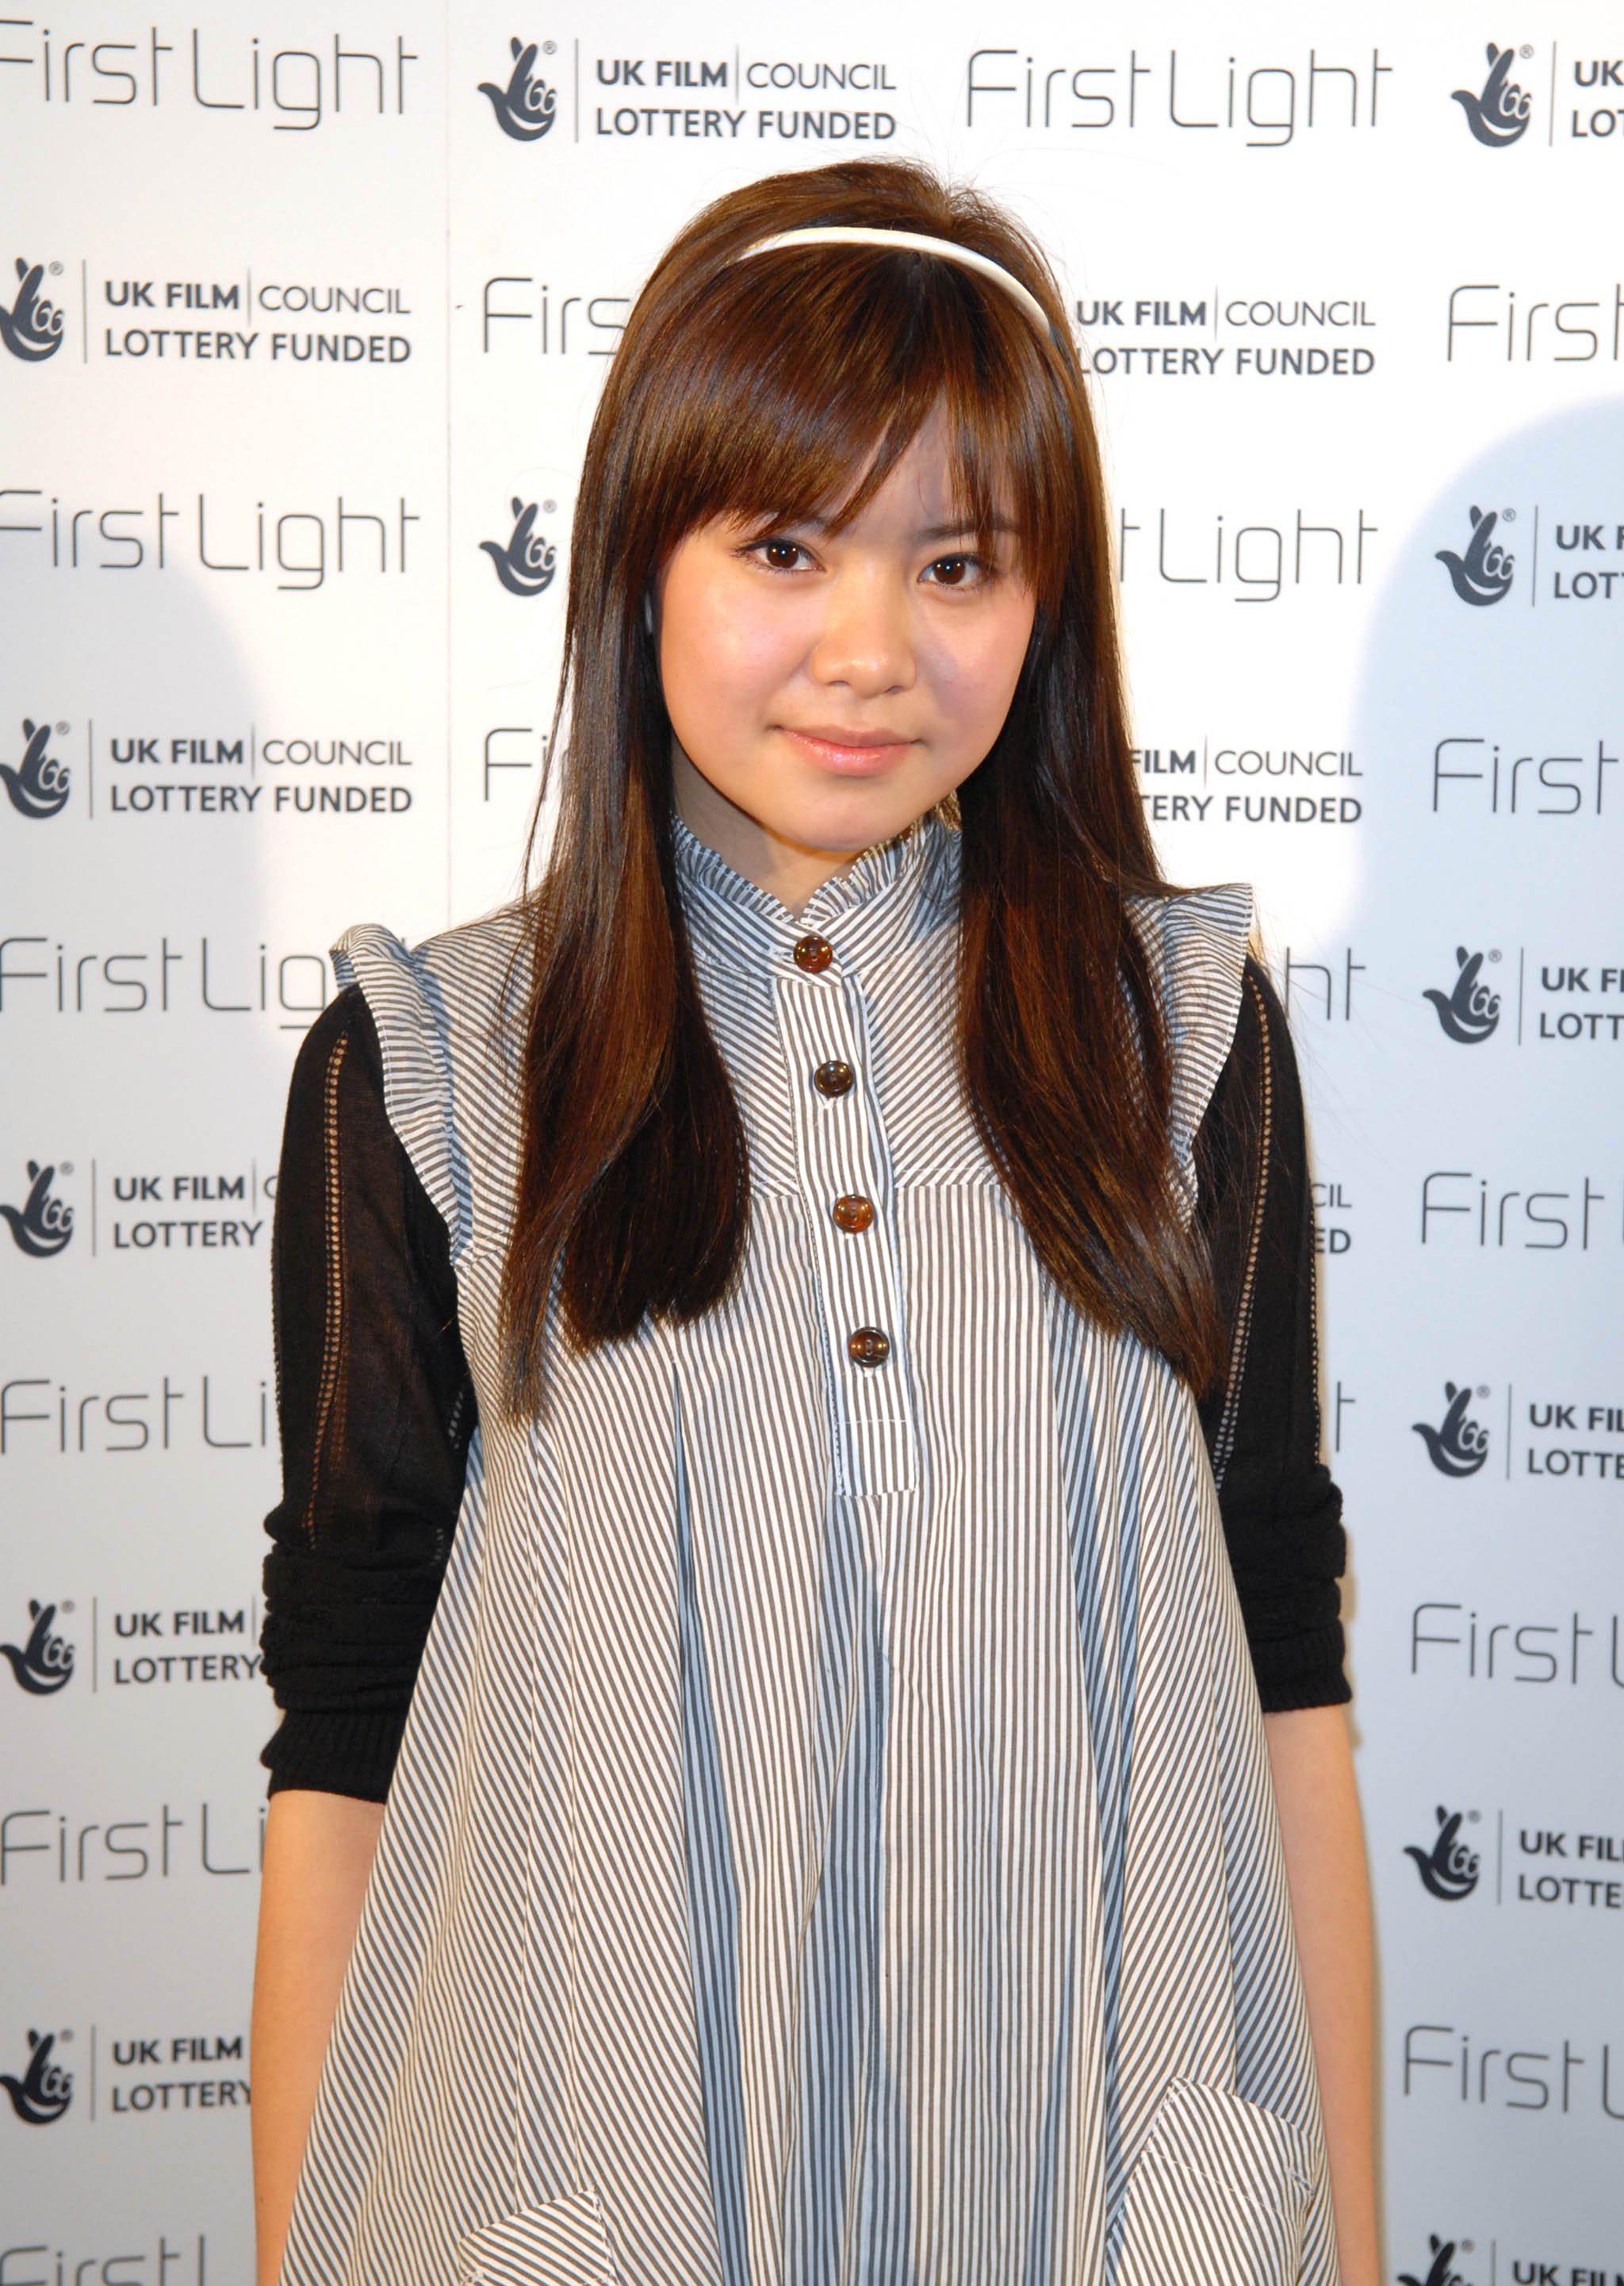 katie leung interview